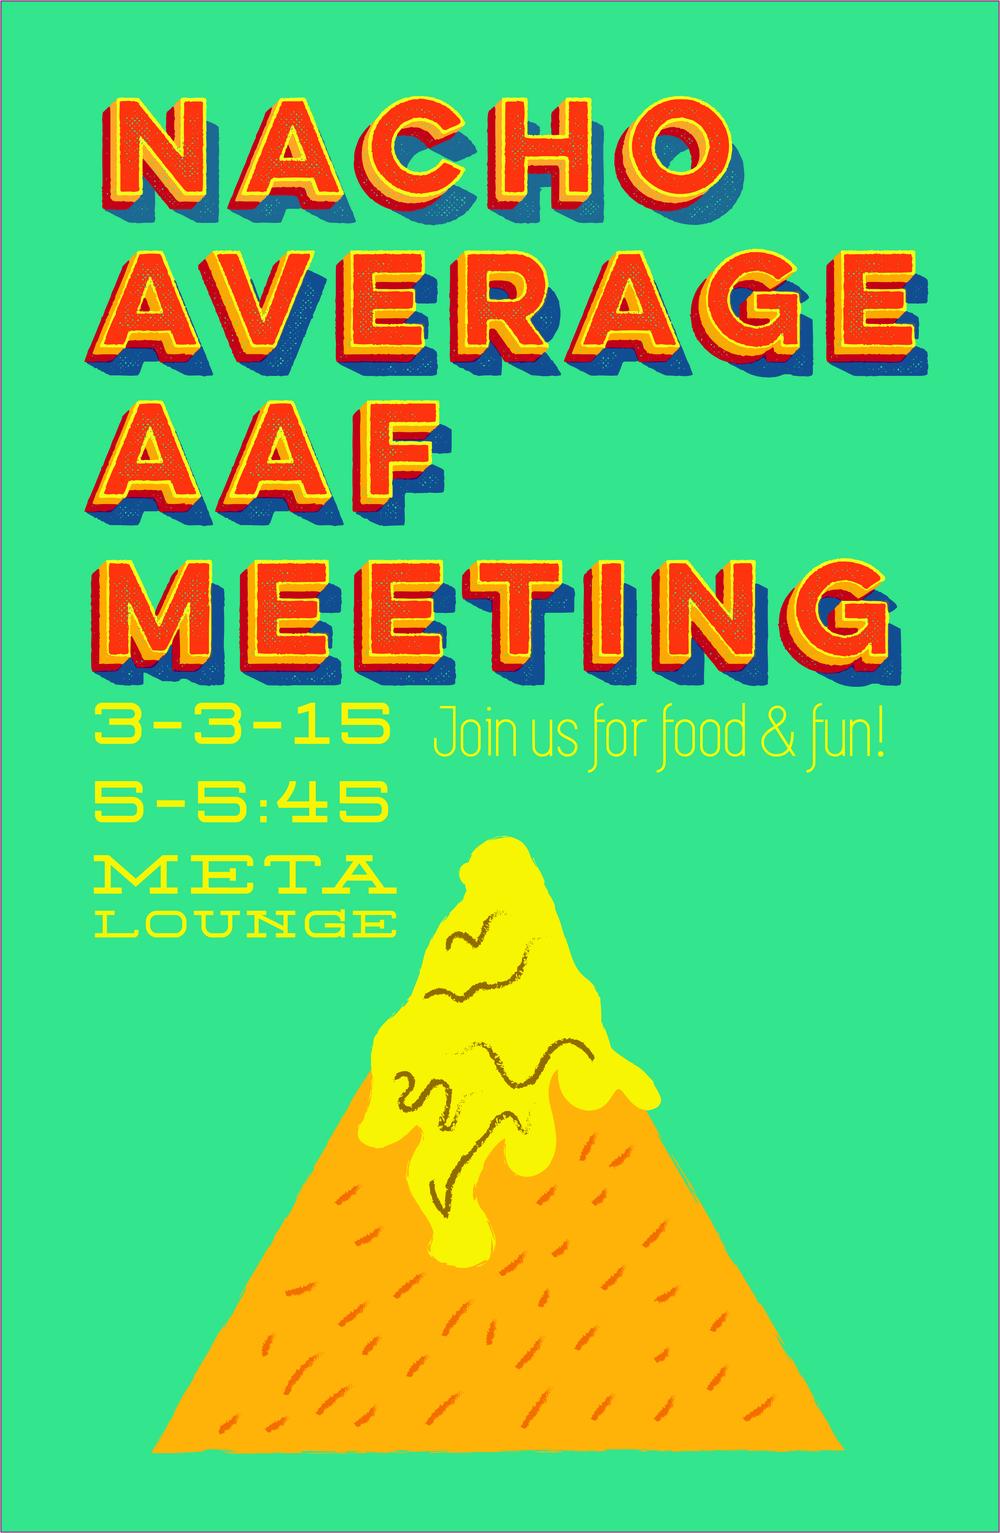 AAF Poster 04_Outlined.jpg